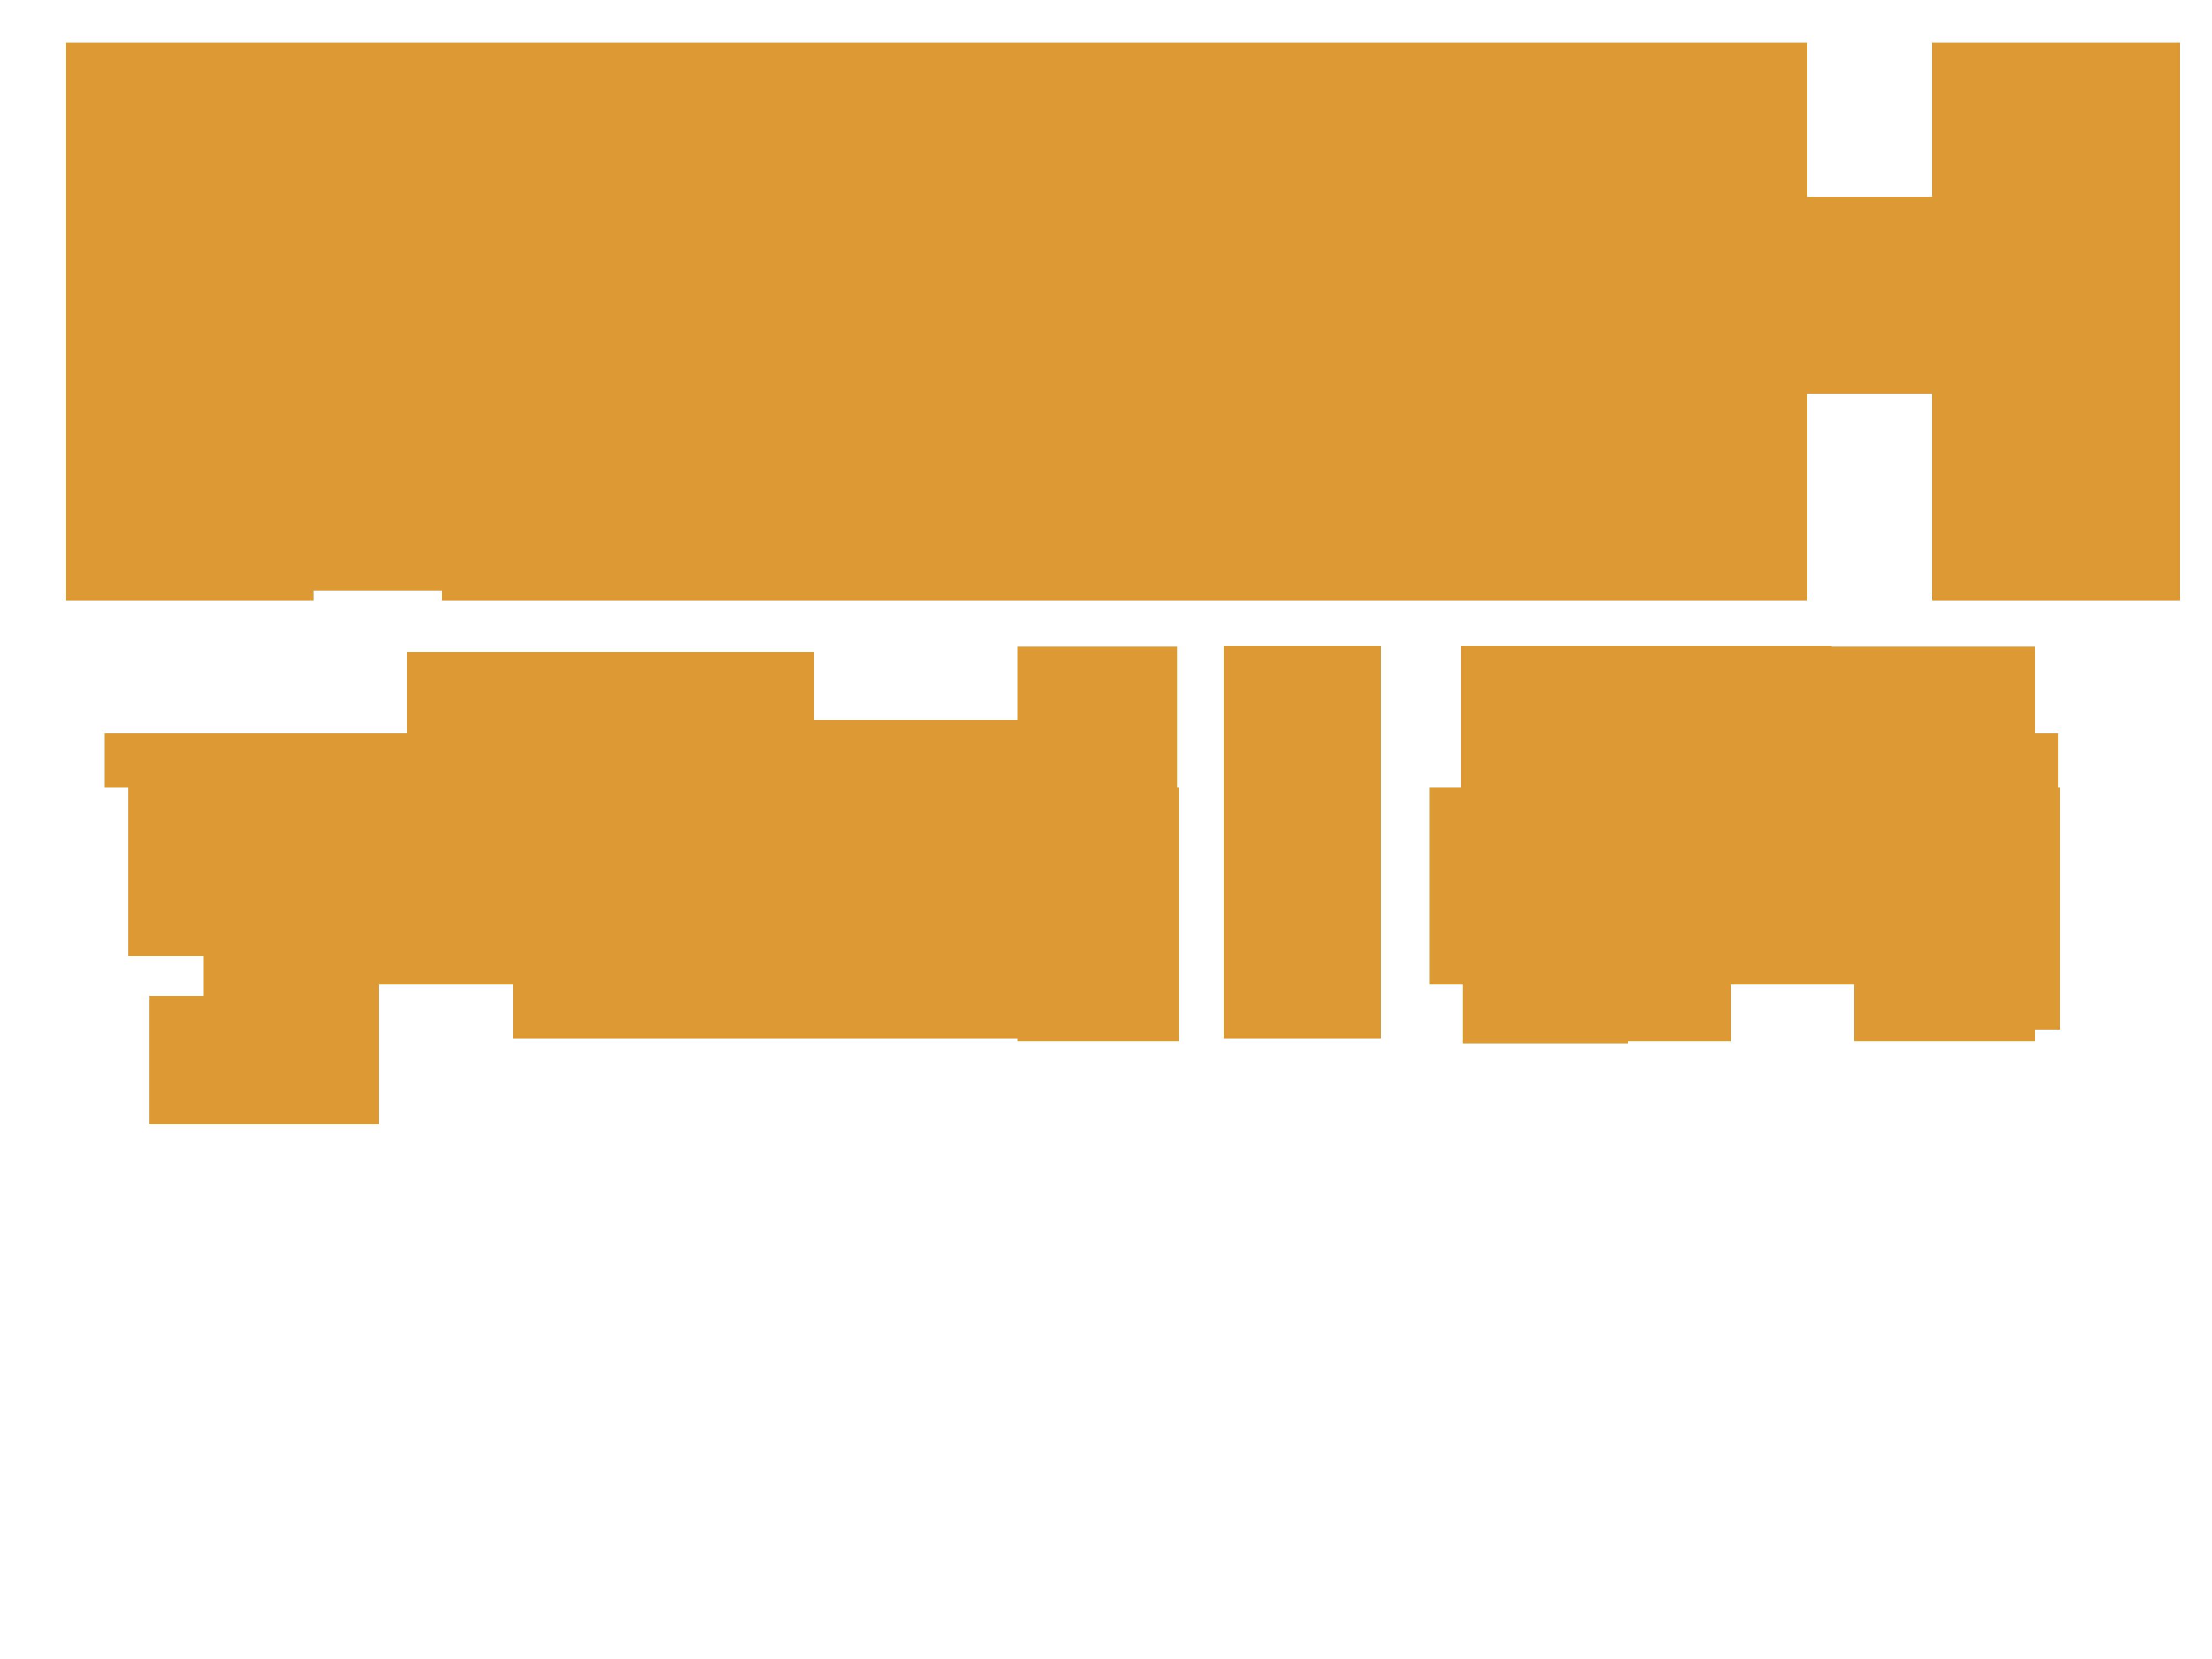 Maalämpöporaukset Lapin läänissä / Mika Huttunen